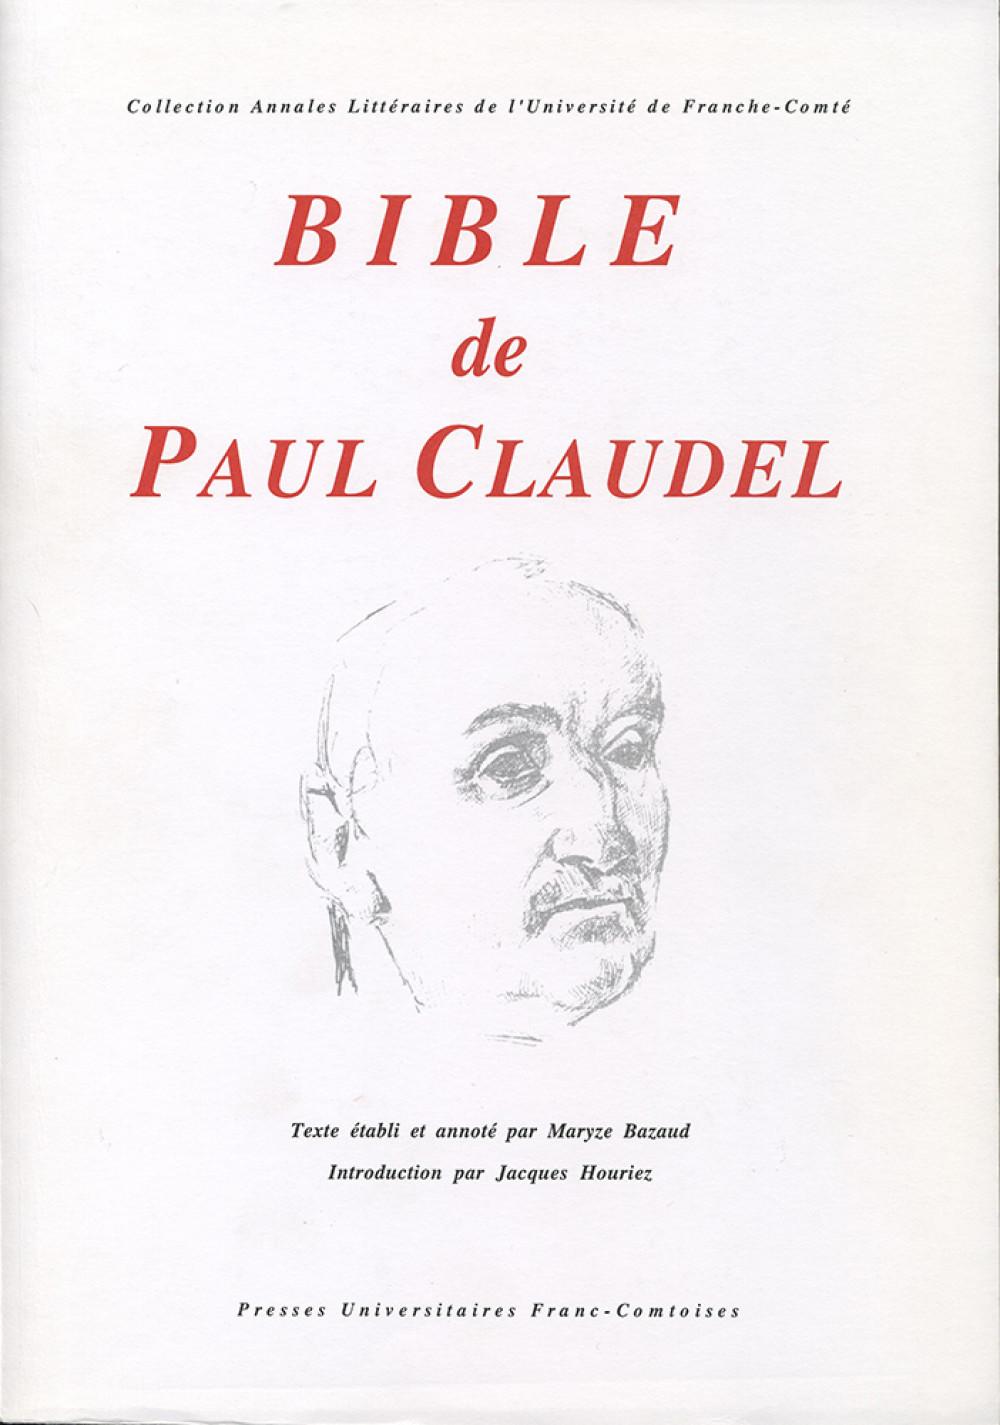 Bible de Paul Claudel